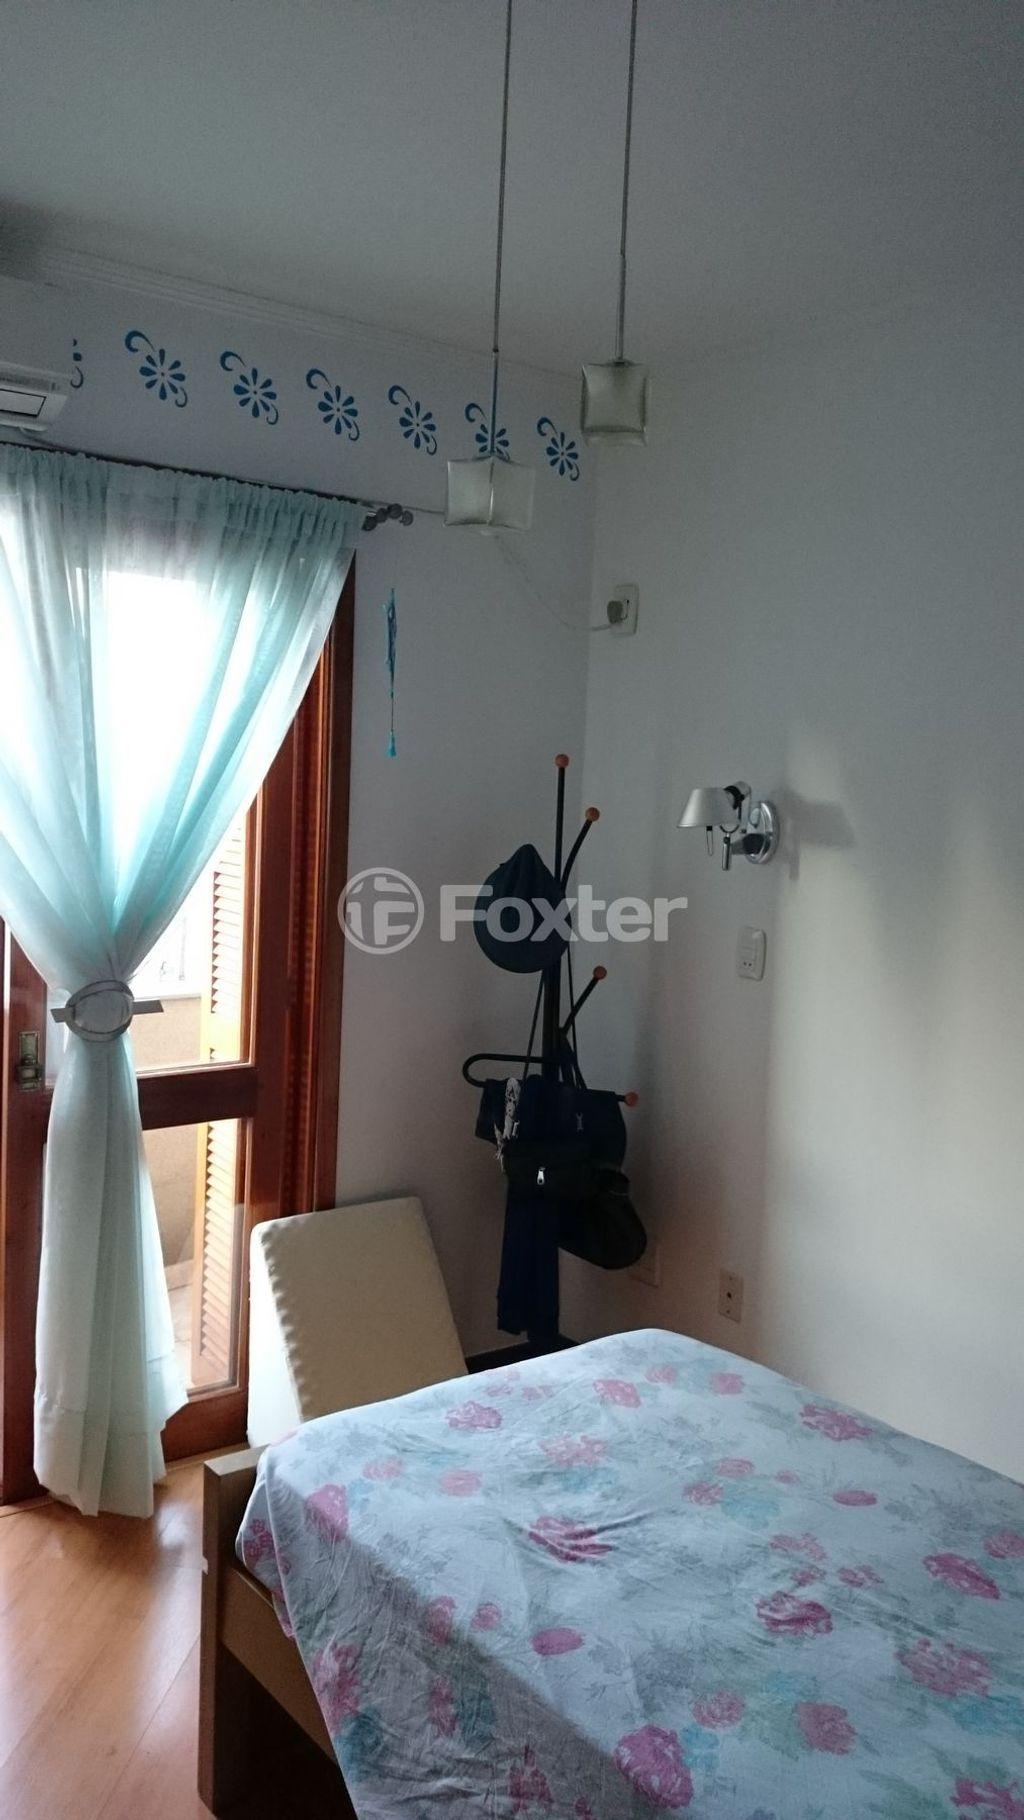 Foxter Imobiliária - Cobertura 3 Dorm (137279) - Foto 16